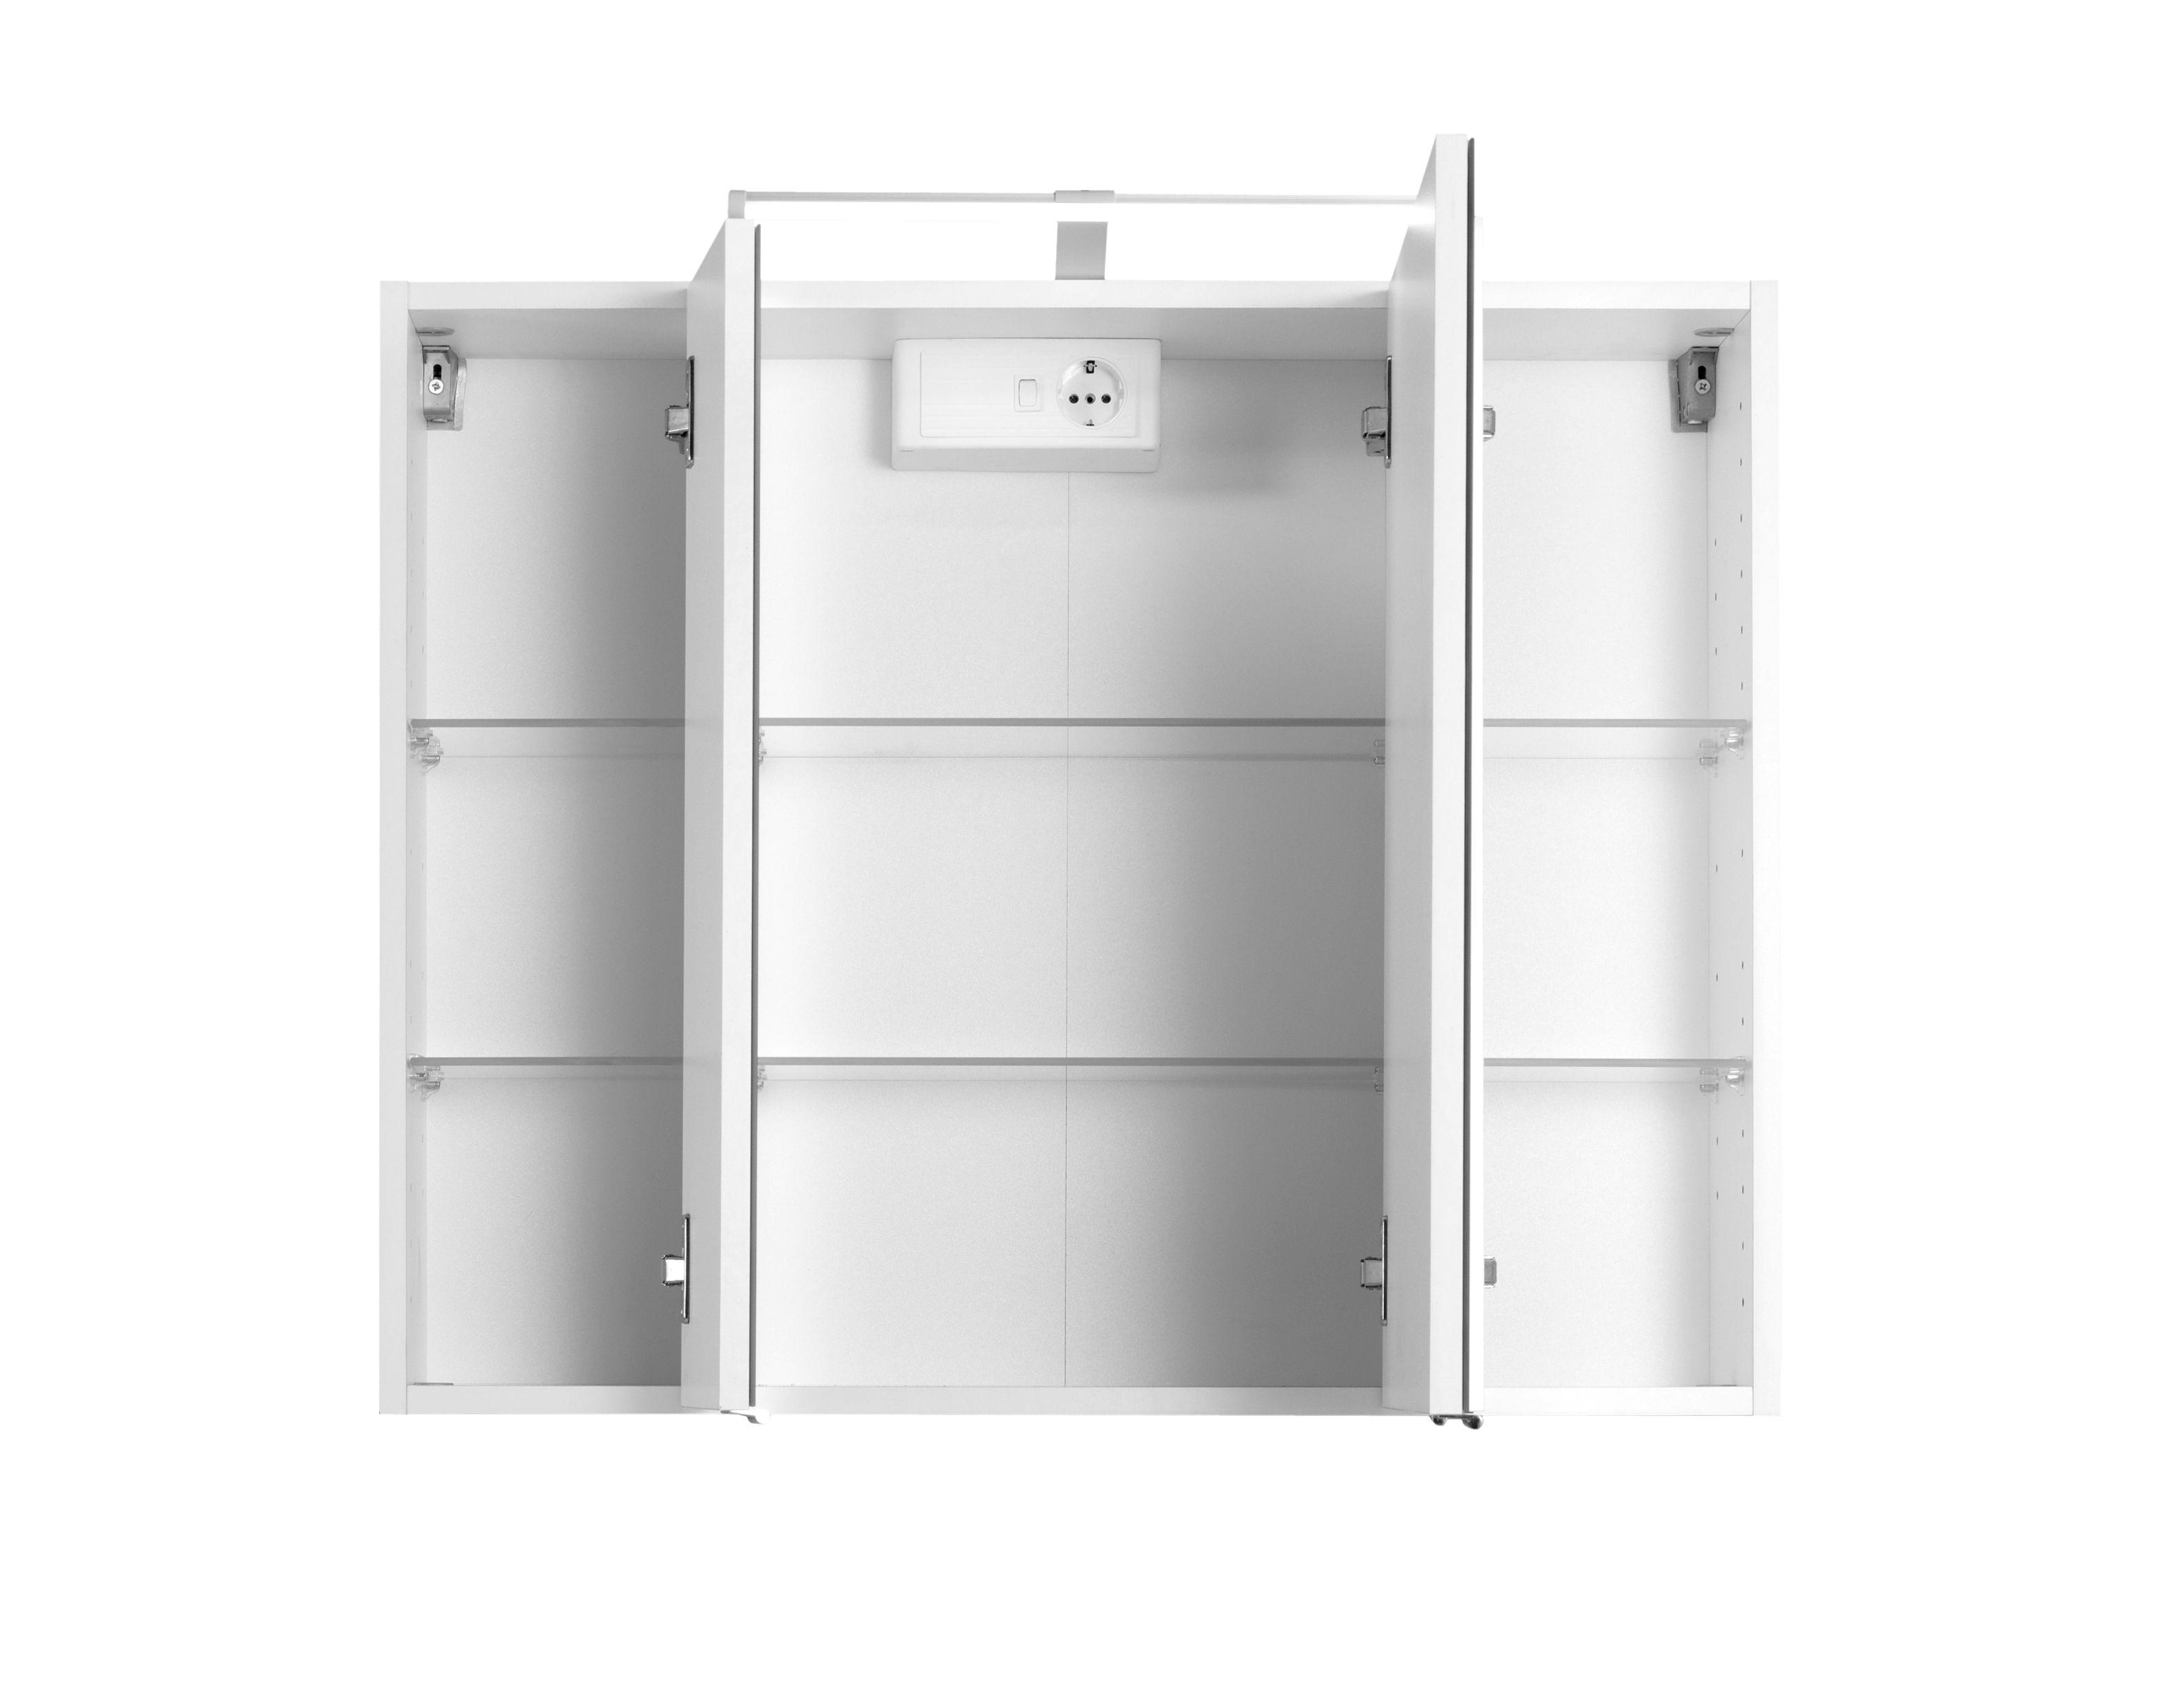 3d spiegelschrank 80 inkl led beleuchtung capri von held. Black Bedroom Furniture Sets. Home Design Ideas